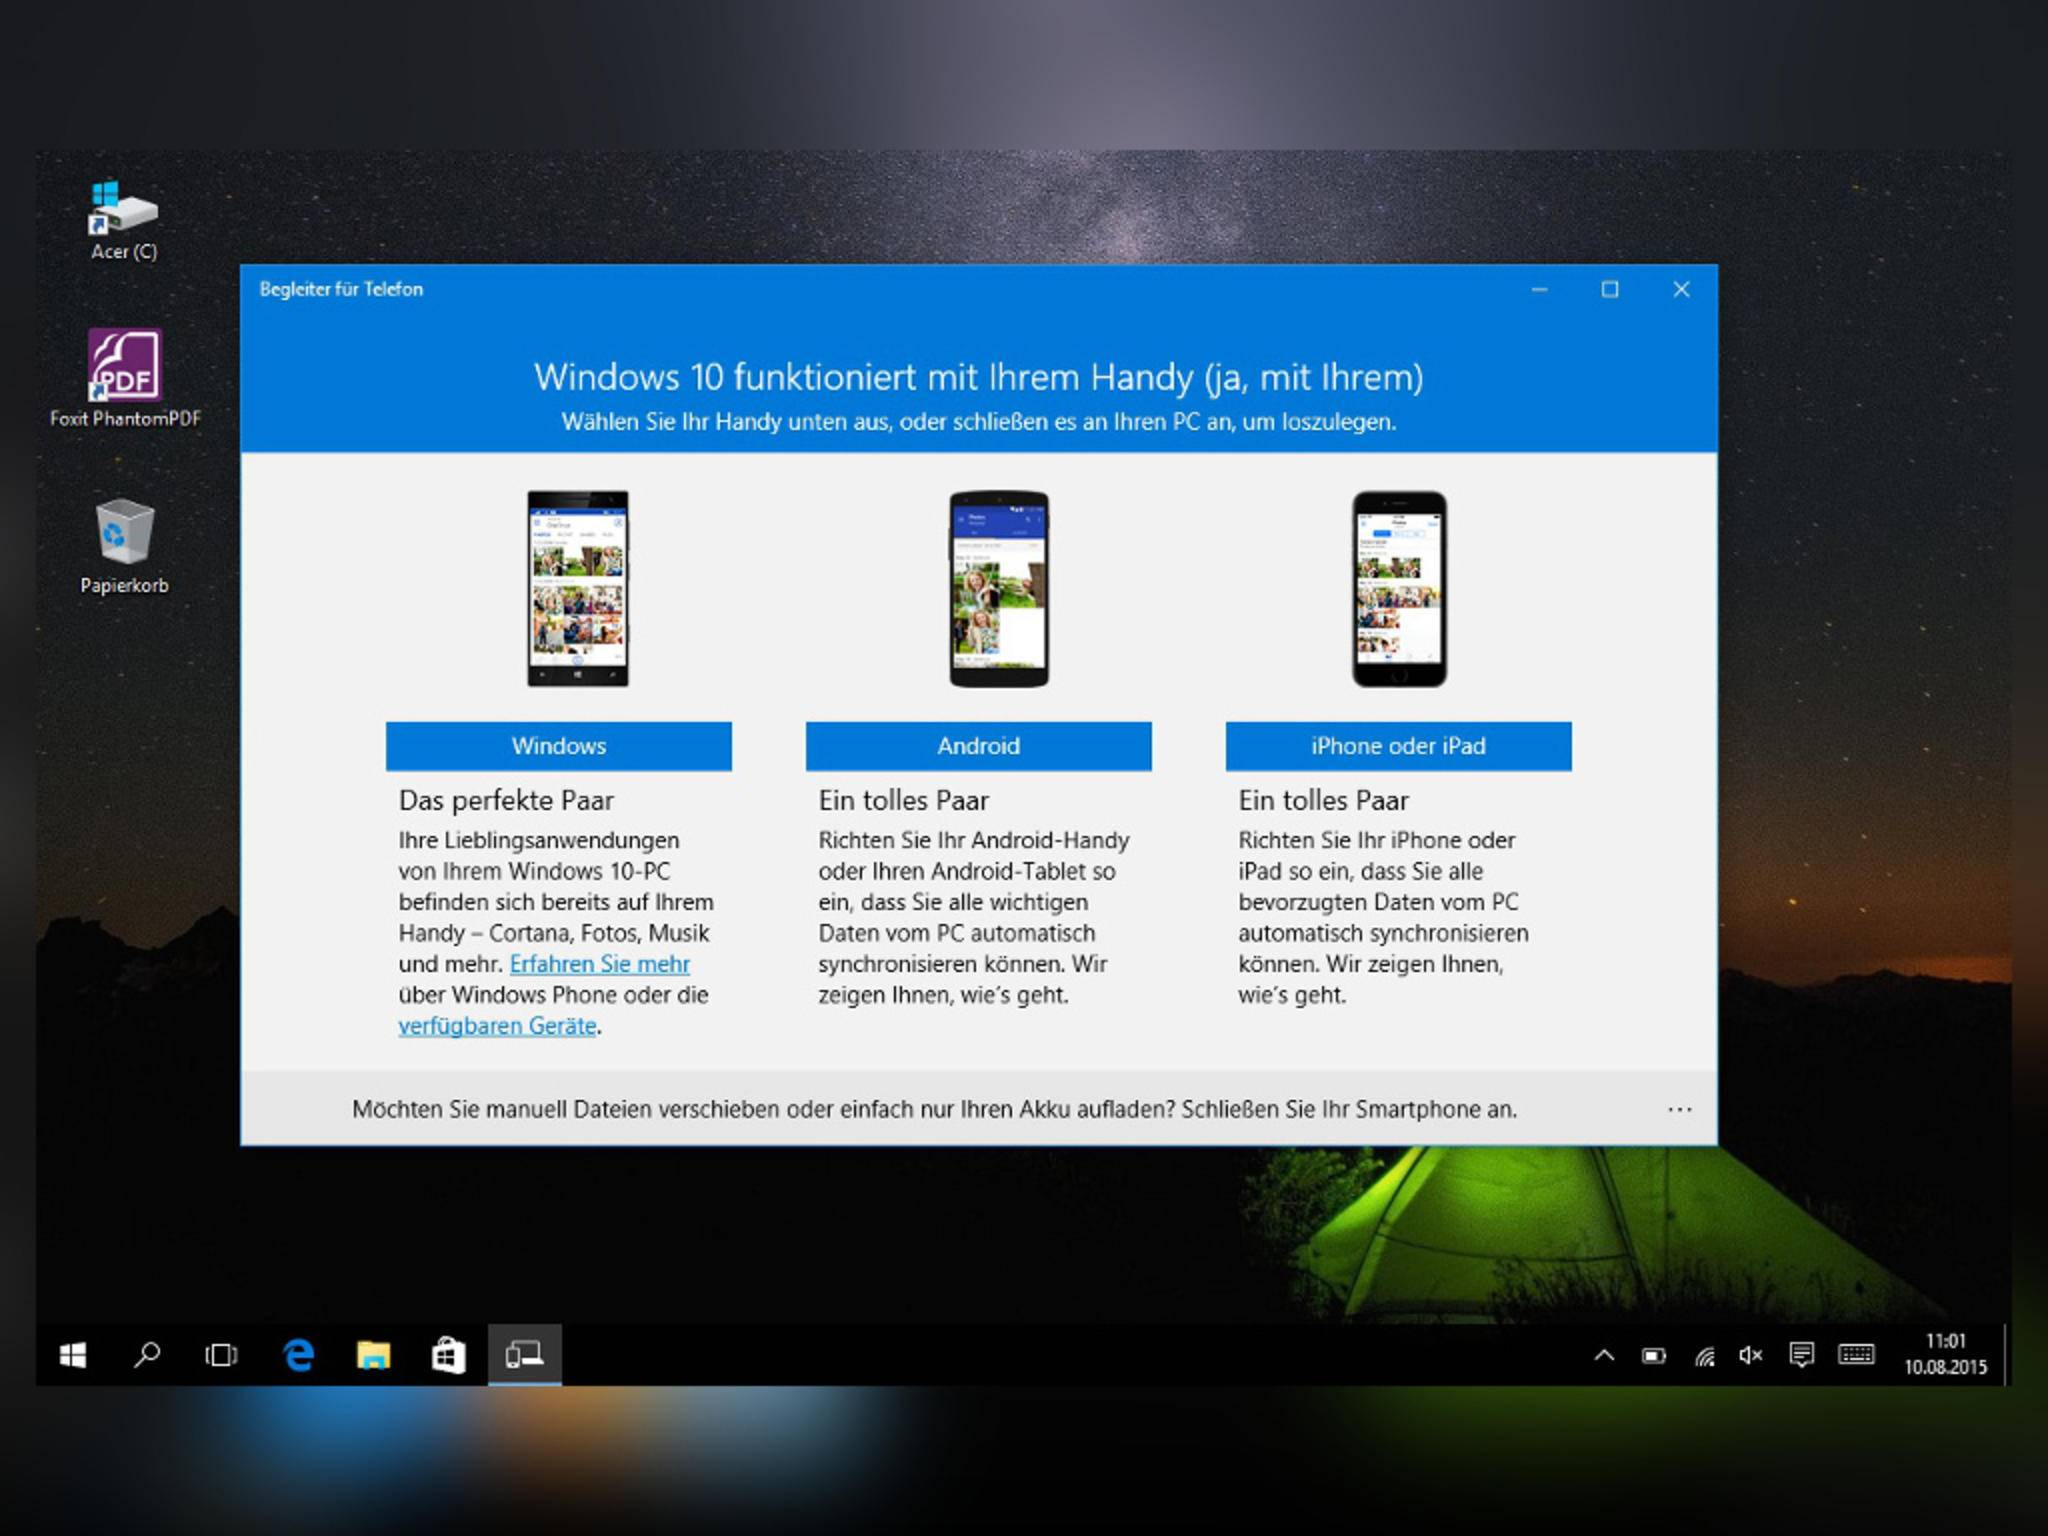 Windows 10 versteht sich auch mit Android und iOS.